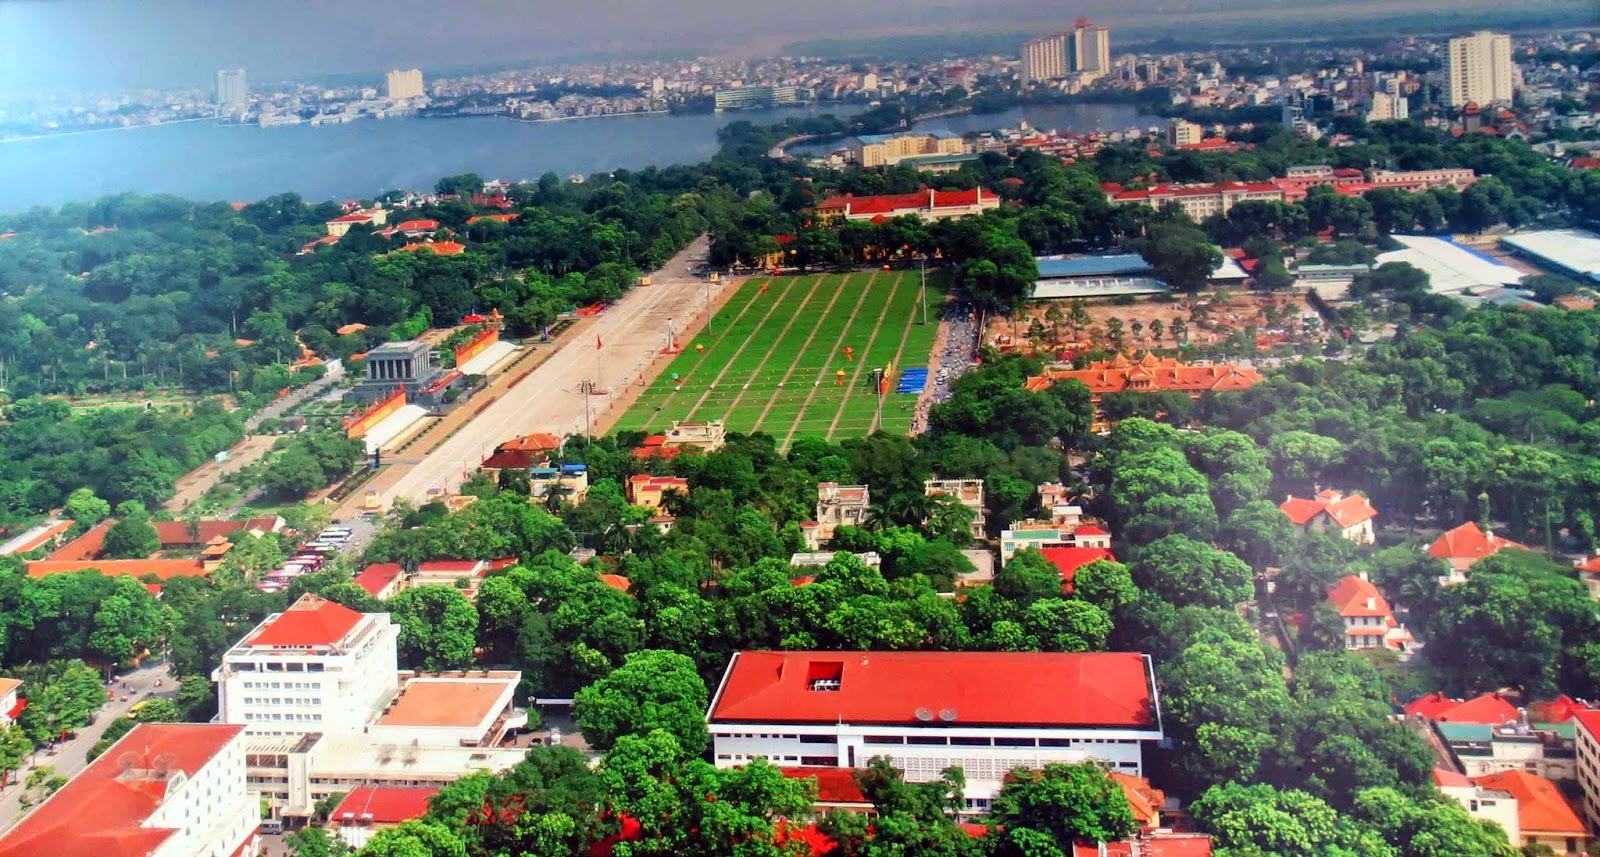 Ba Dinh, Ba Đình, lăng Bác, Lăng Chủ tịch Hồ Chí Minh, Văn phòng Trung ương Đảng, Văn phòng Chủ tịch nước, Phủ Chủ tịch, Văn phòng Chính phủ